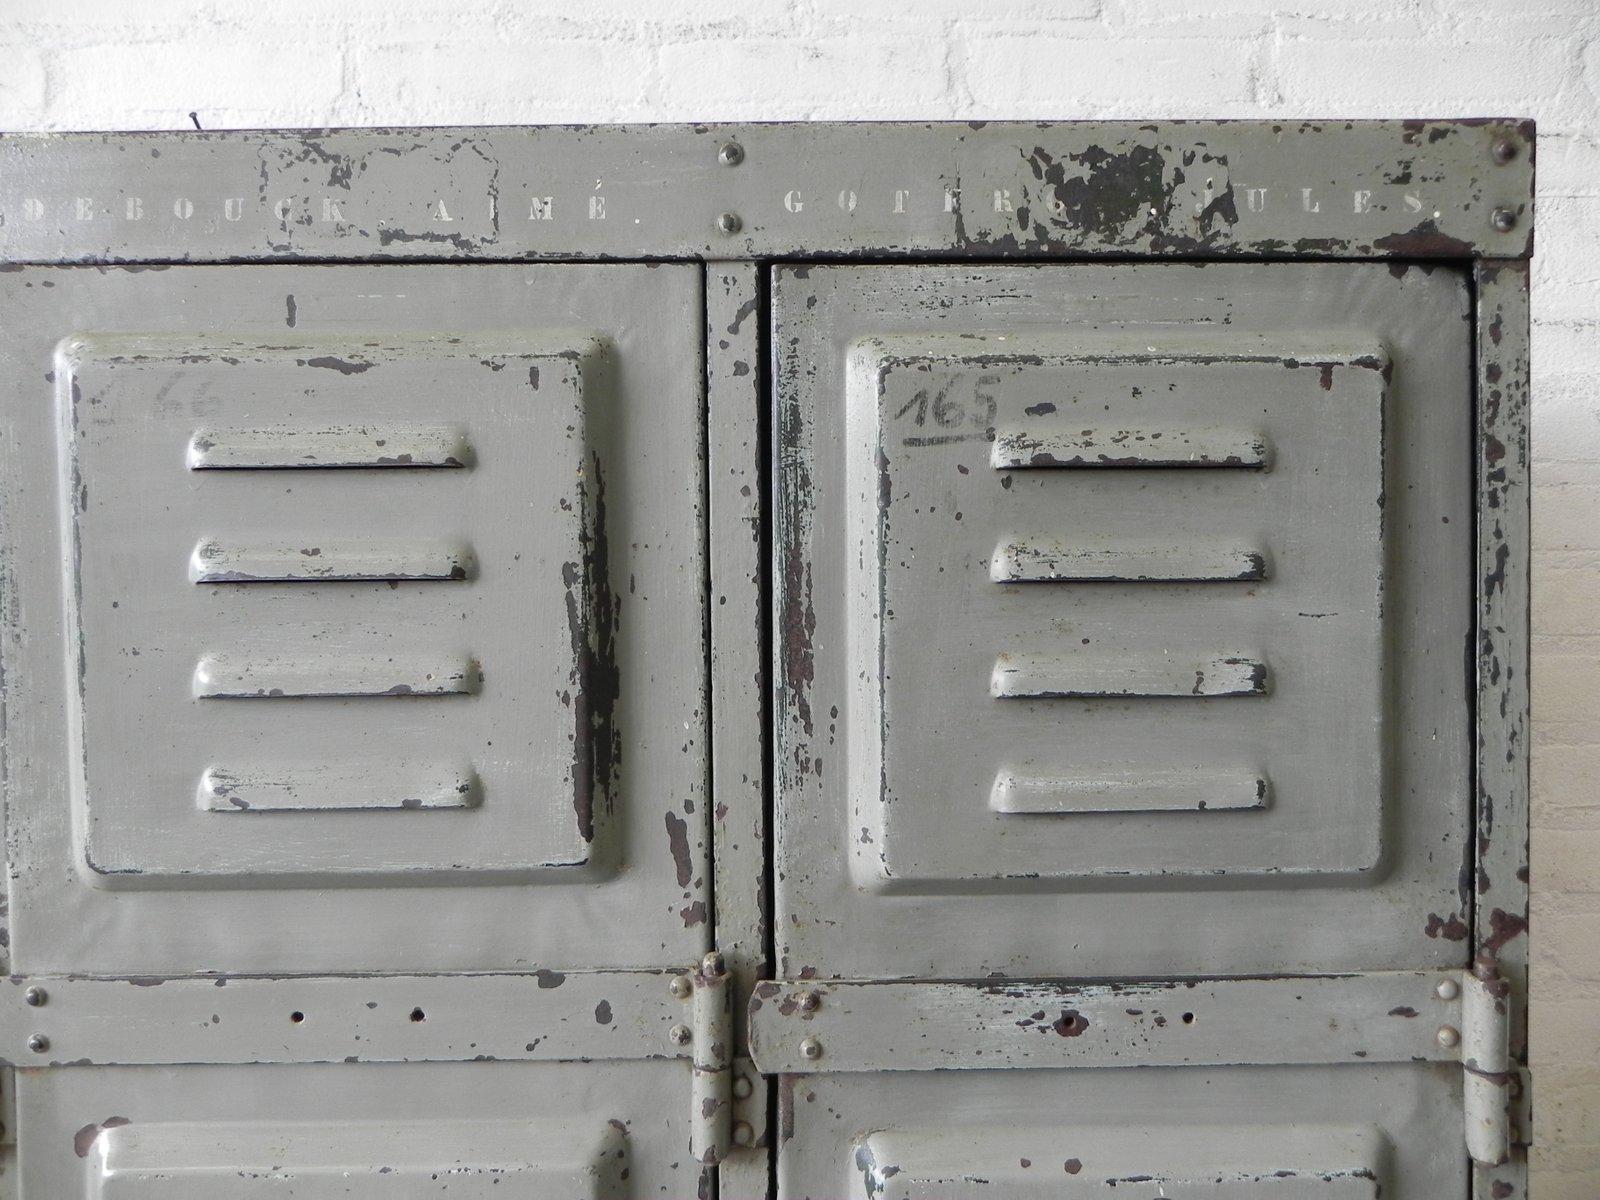 Vintage Industrial Doors For Sale : Vintage industrial steel locker with  doors for sale at